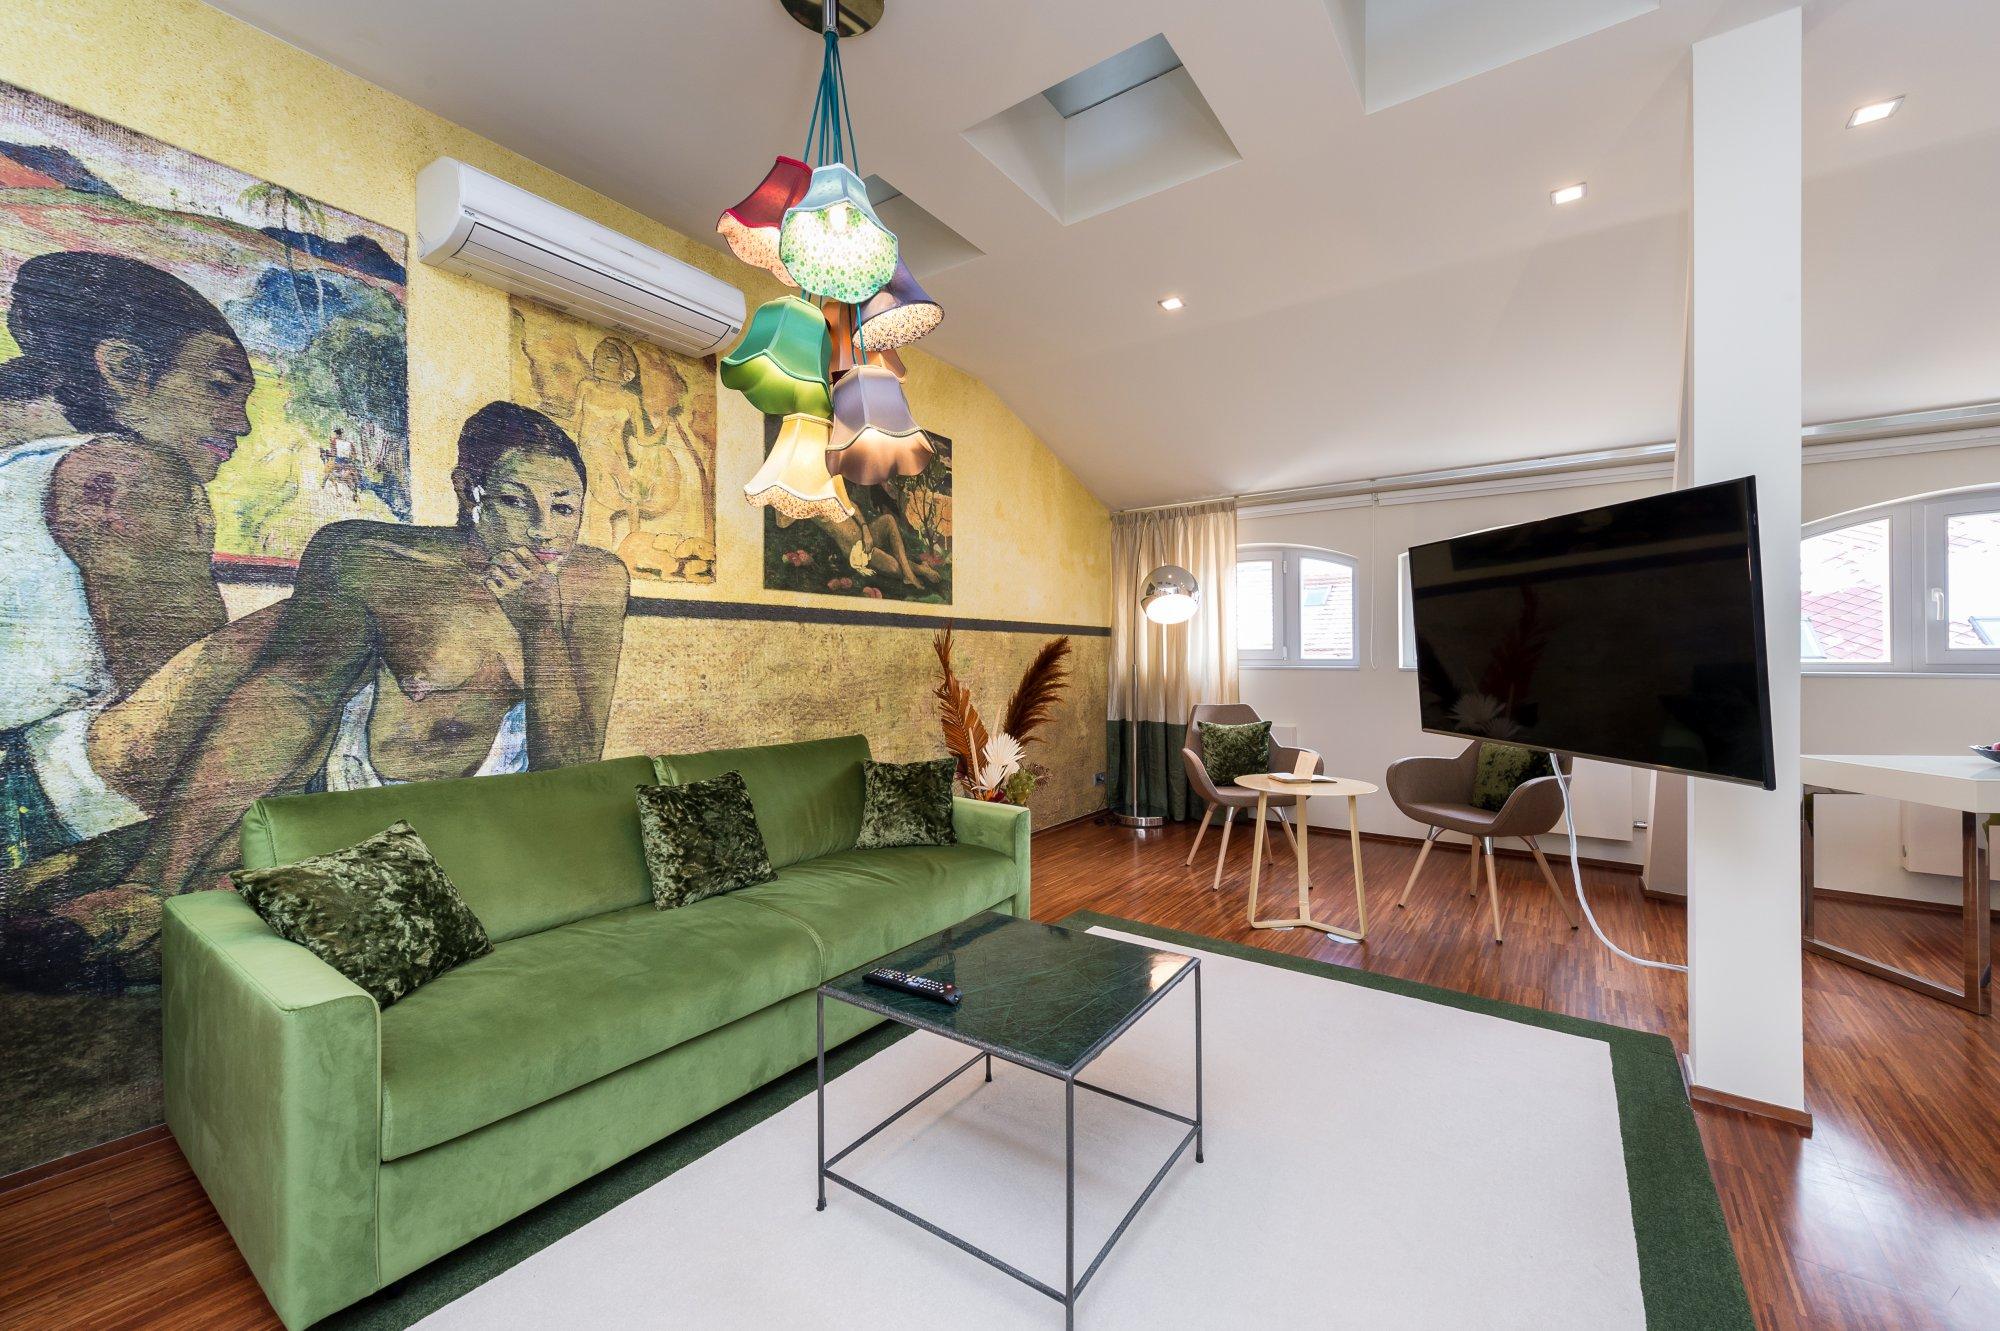 Půdní byt 4+kk, plocha 156 m², ulice Vojtěšská, Praha 1 - Nové Město | 3